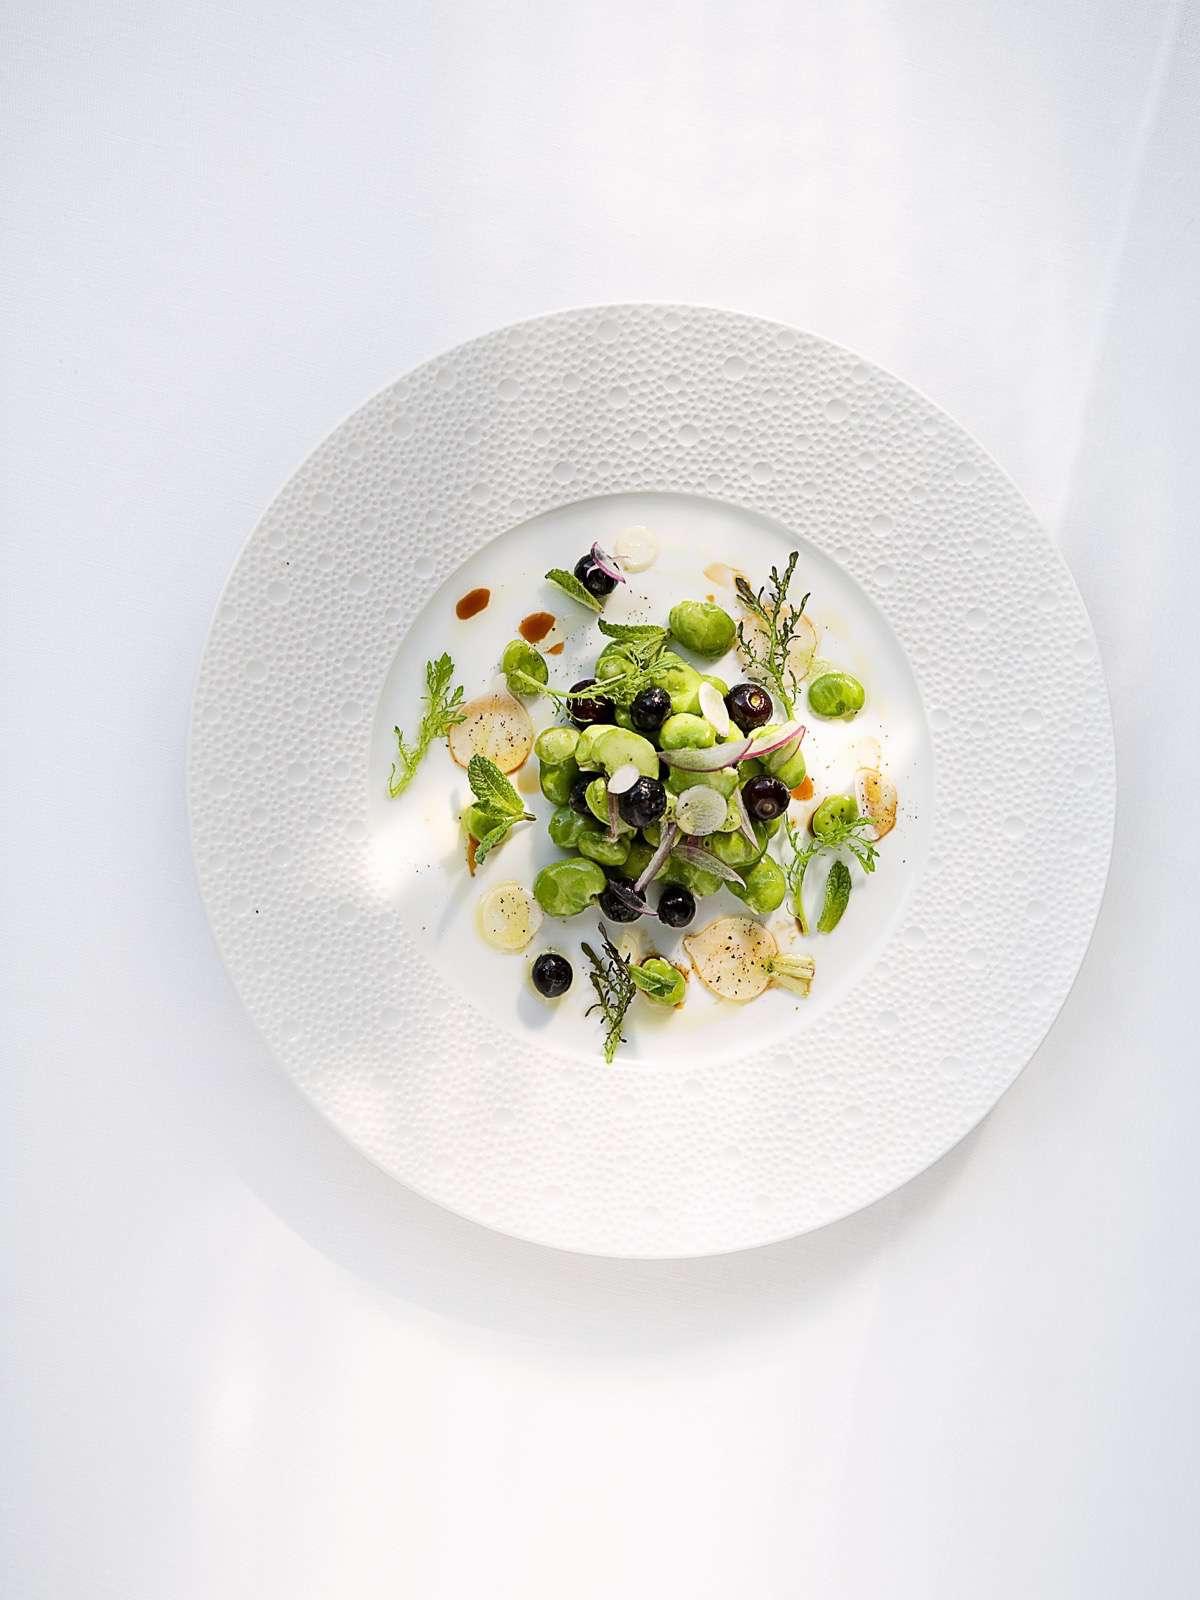 mejores restaurantes europeos restaurante LArpege - Paris, Francia